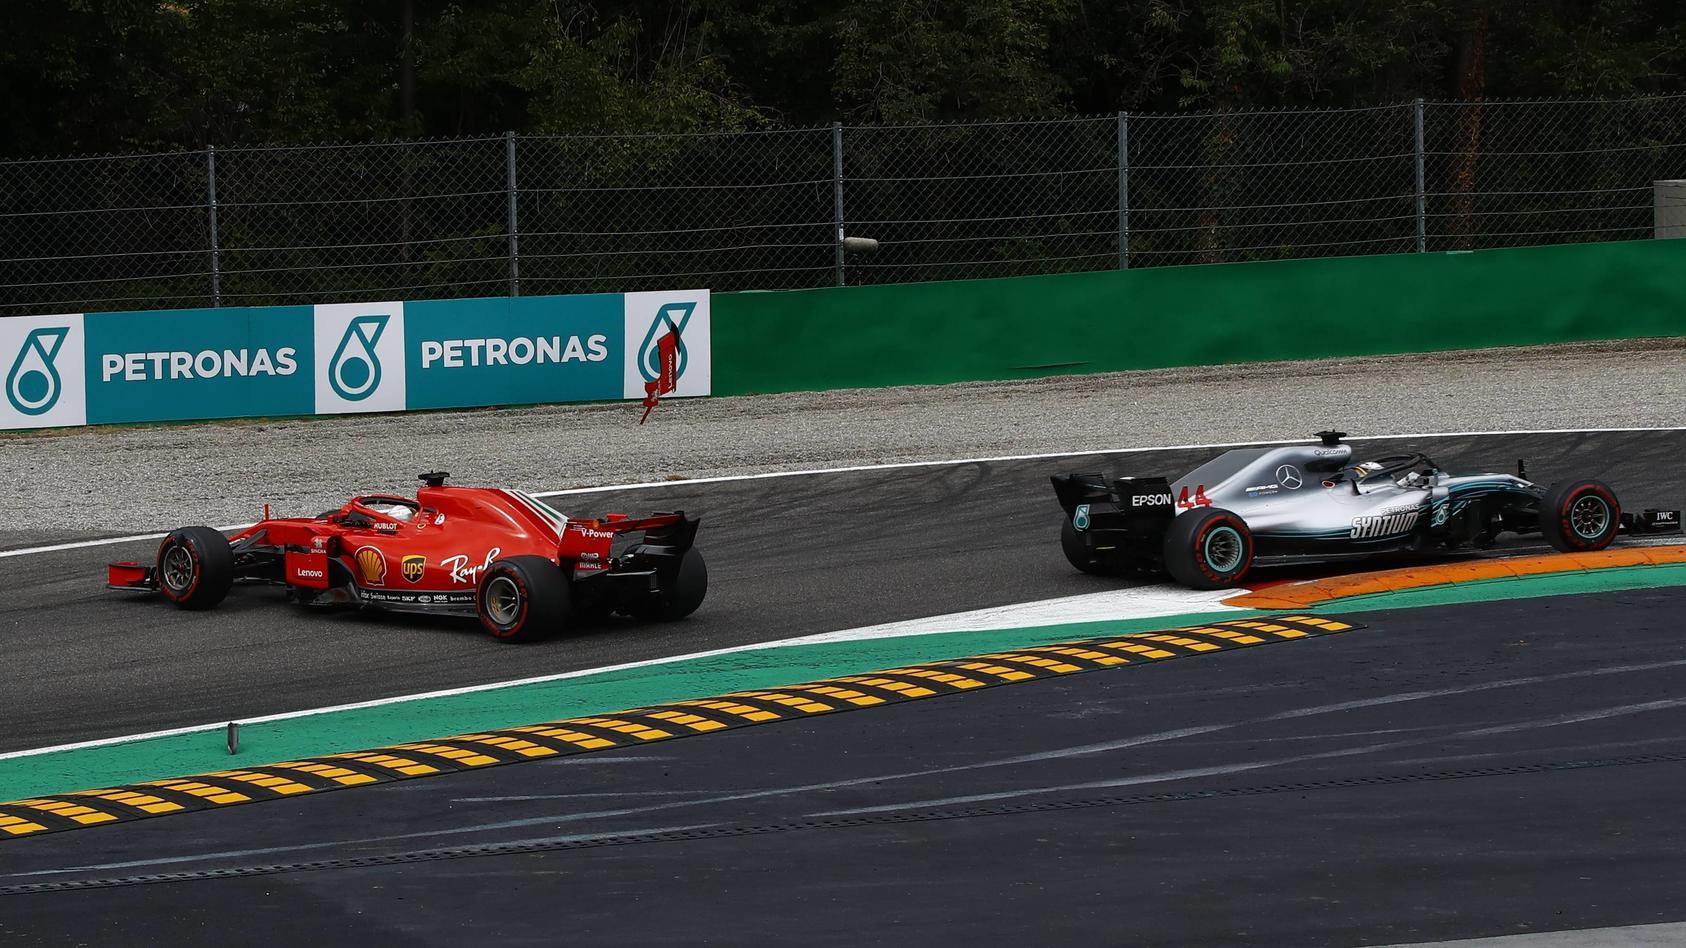 Die entscheidende Szene in Monza: Sebastian Vettel und Lewis Hamilton geraten aneinander. Der Ferrari dreht sich, der Silberpfeil fährt weiter.